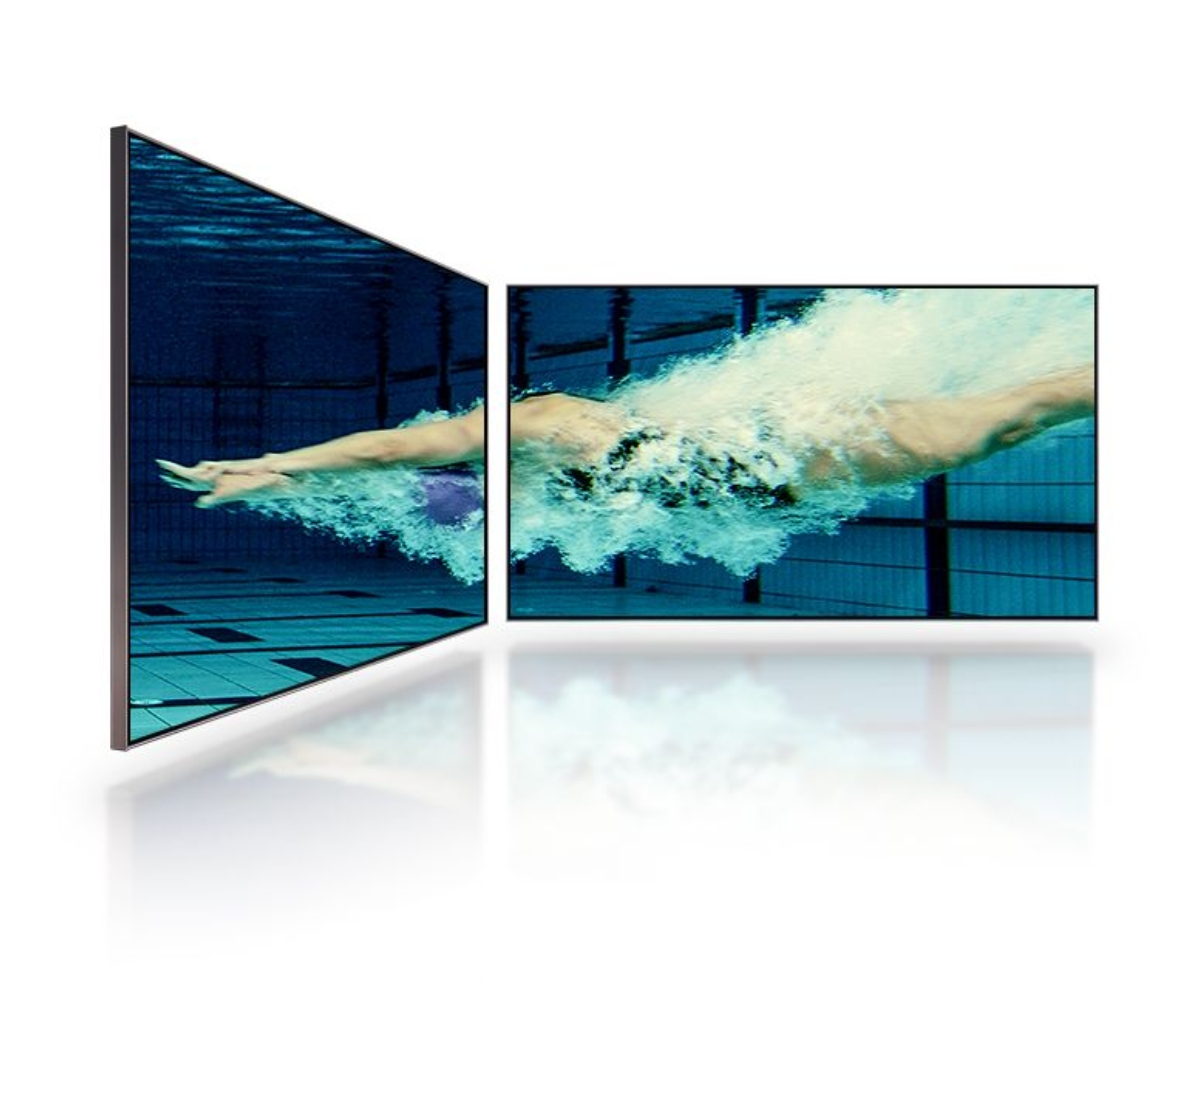 Samsung QE65Q95TALXXN (2020)